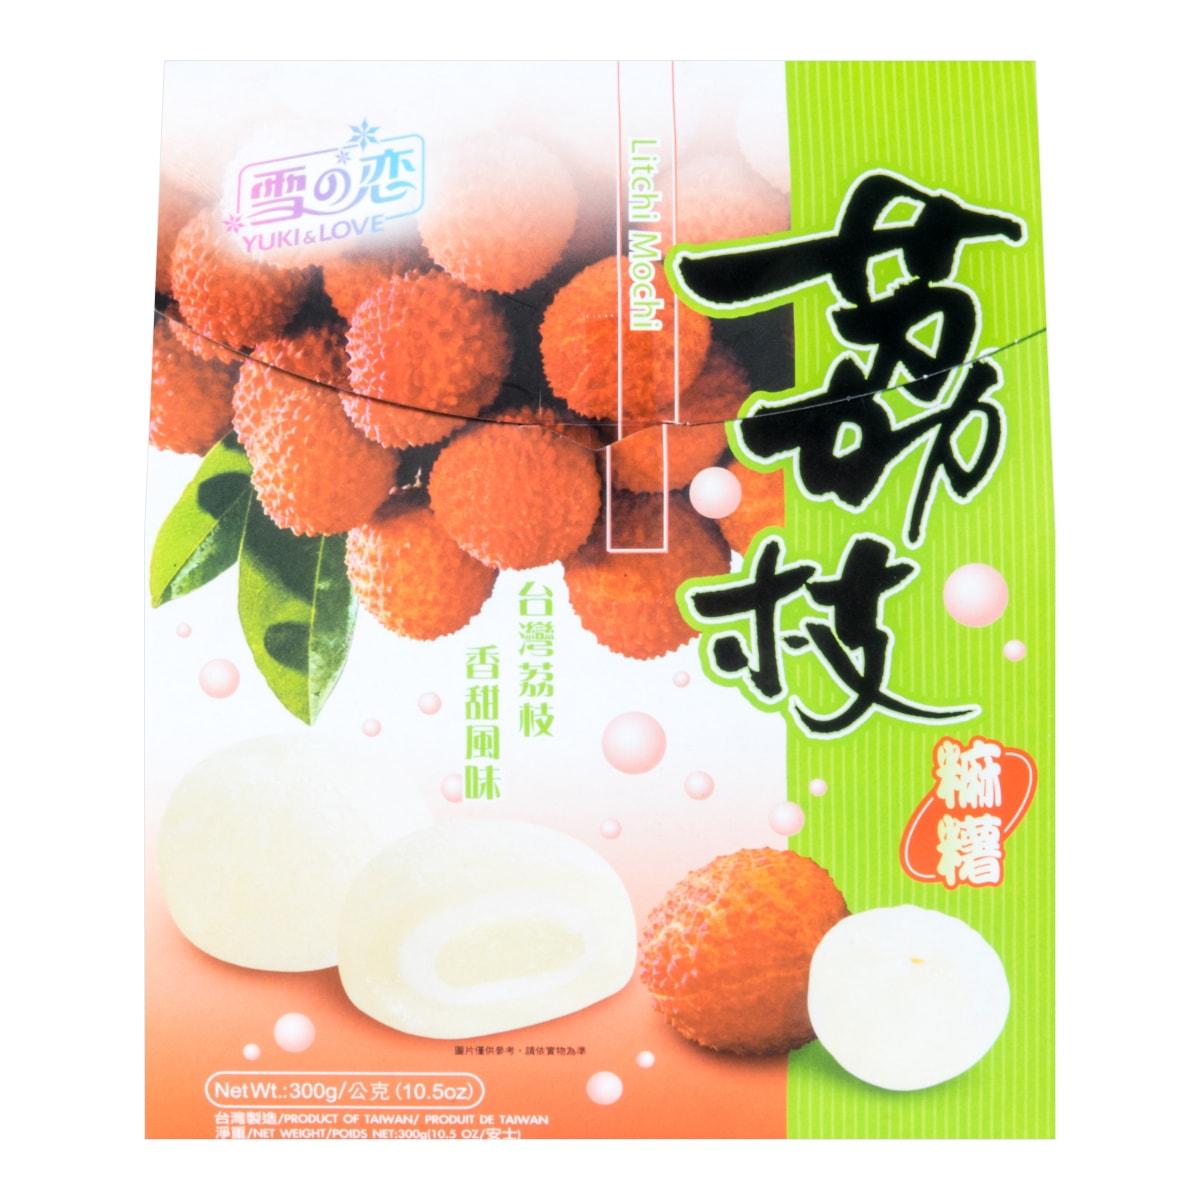 台湾雪之恋 荔枝麻糬 荔枝味 300g